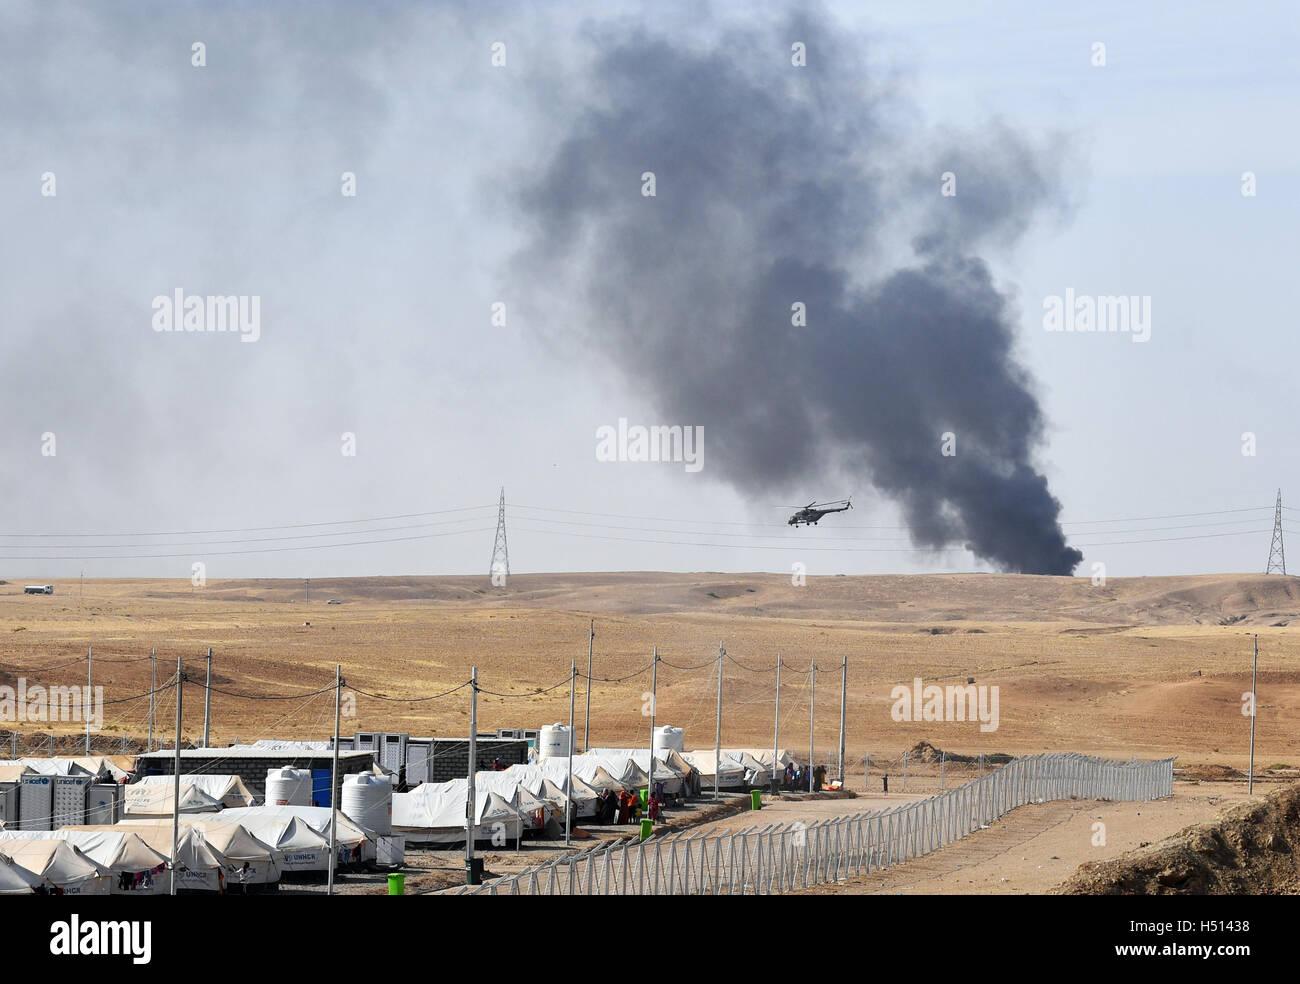 Un helicóptero y humo negro procedente de la quema de petróleo de una planta puede ser visto detrás del campamento Foto de stock